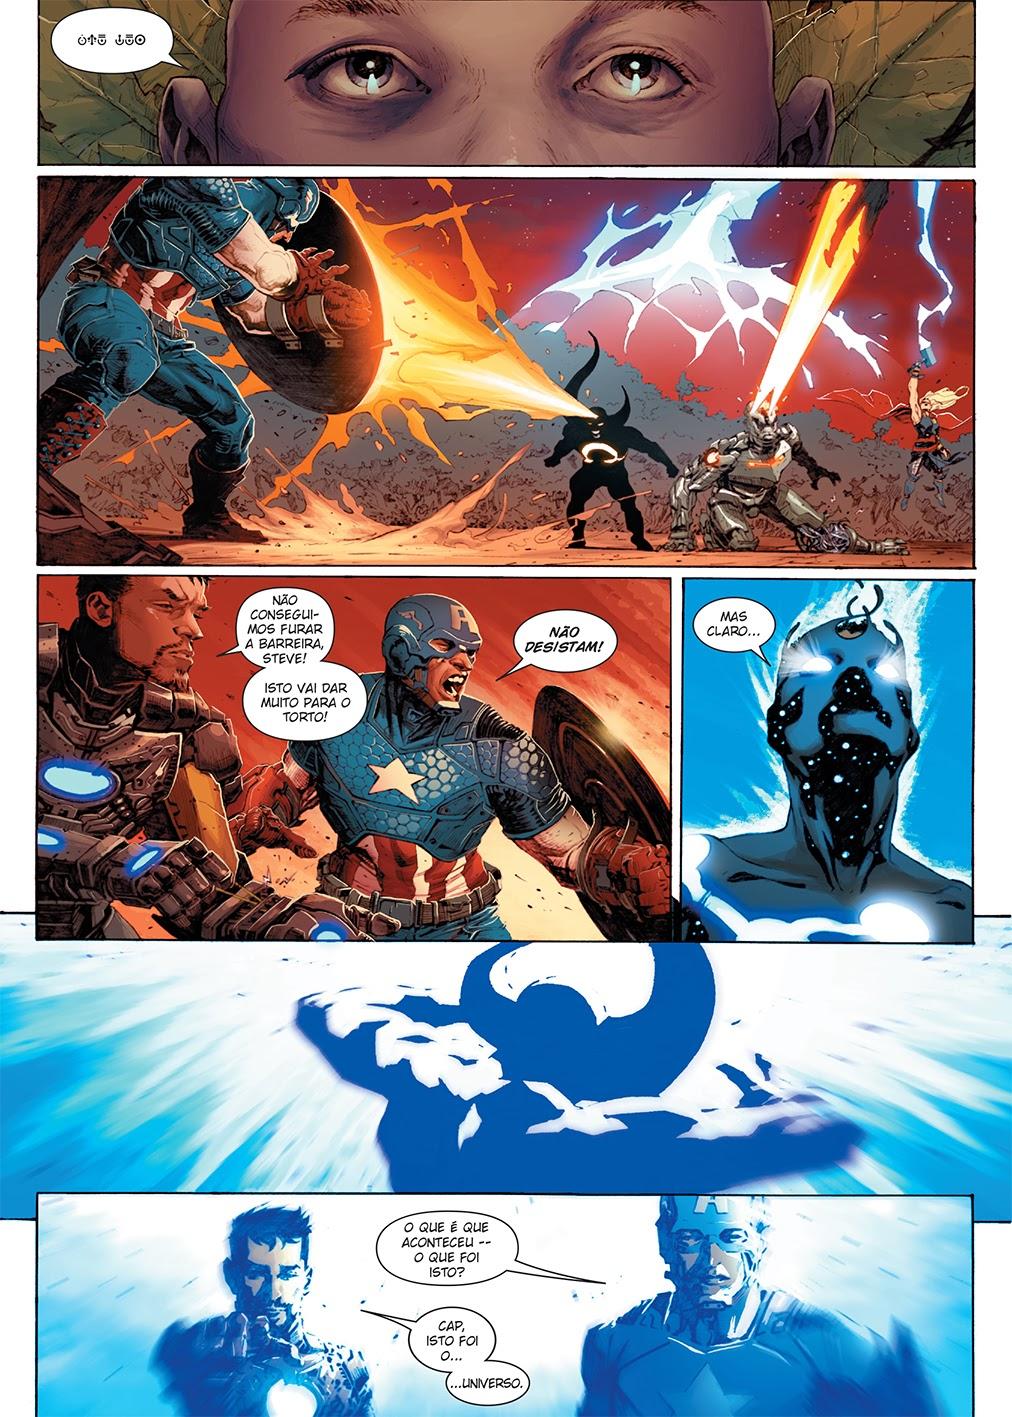 8613cfe6be76d Leituras de BD  Reading Comics  Lançamento Panini Comics  Revistas Marvel  em português (PT)